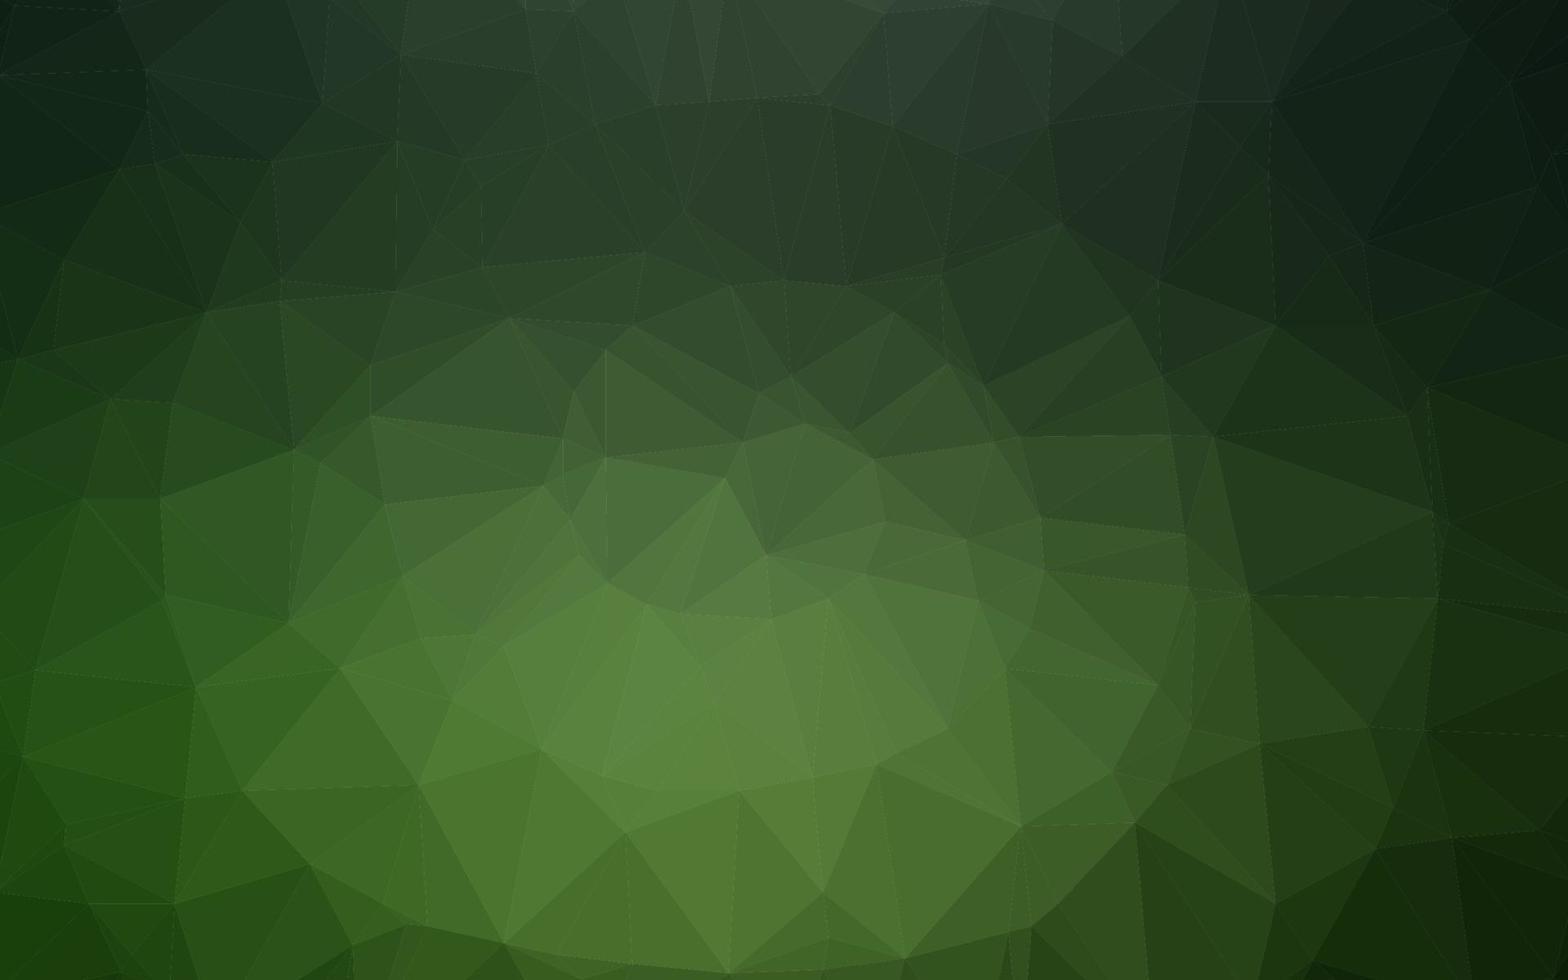 textura poligonal abstrata de vetor verde escuro.